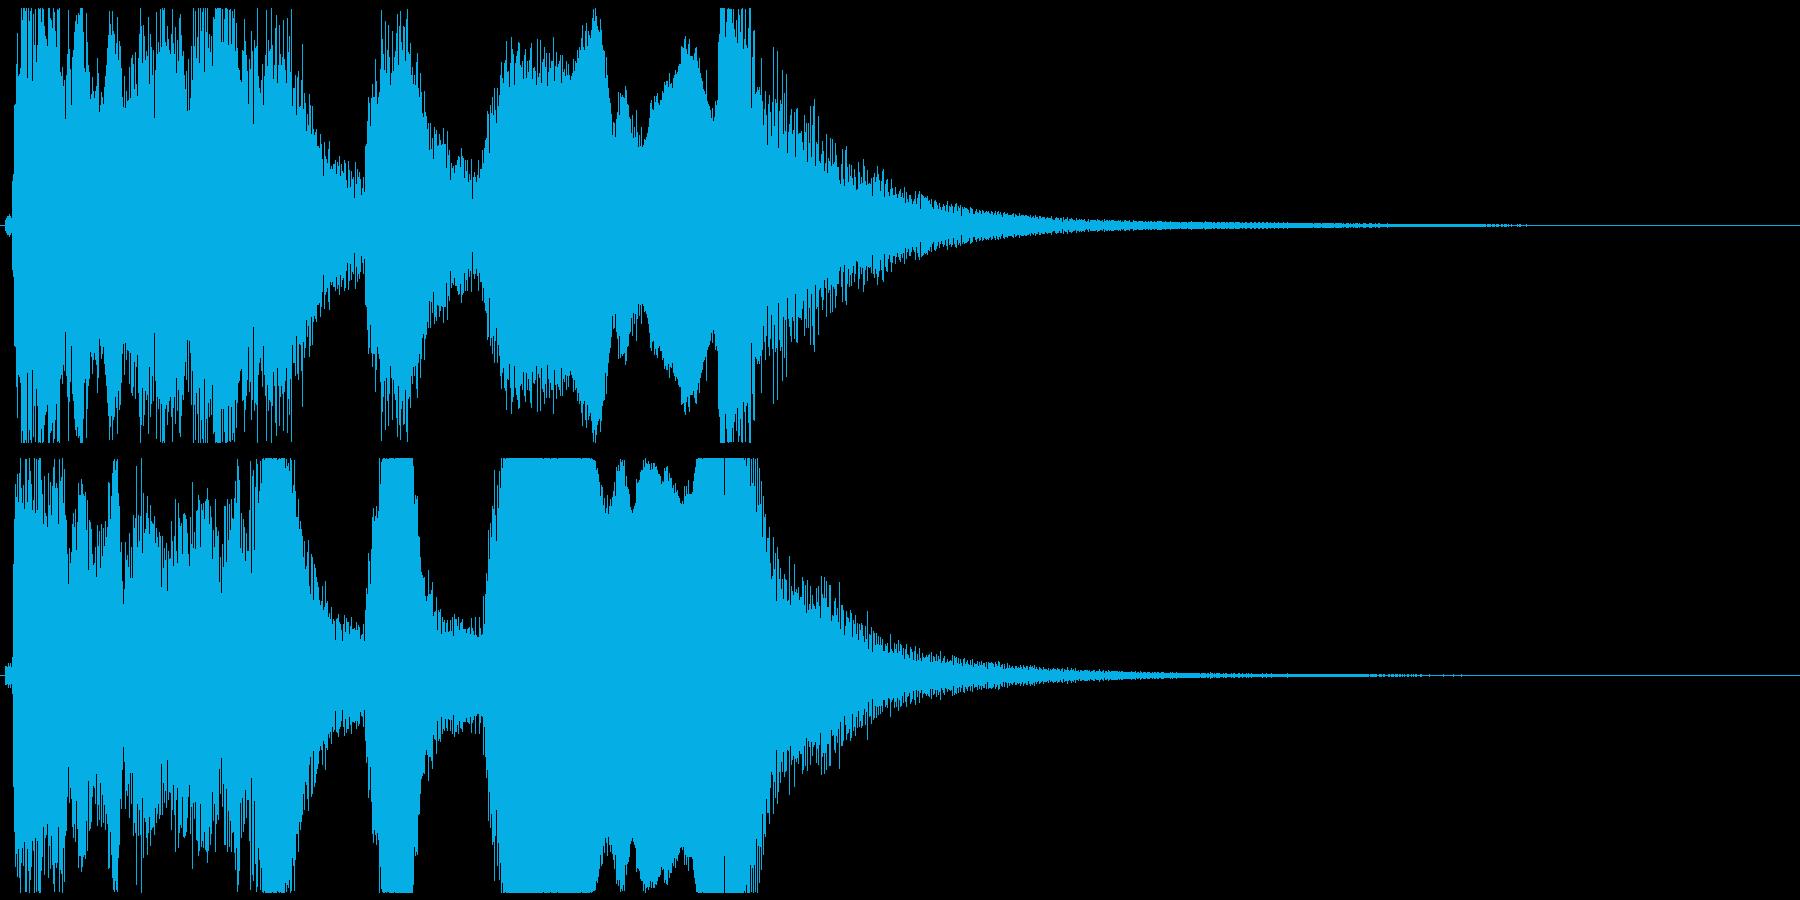 尺八と小鼓ポンッ!の短いジングルCの再生済みの波形